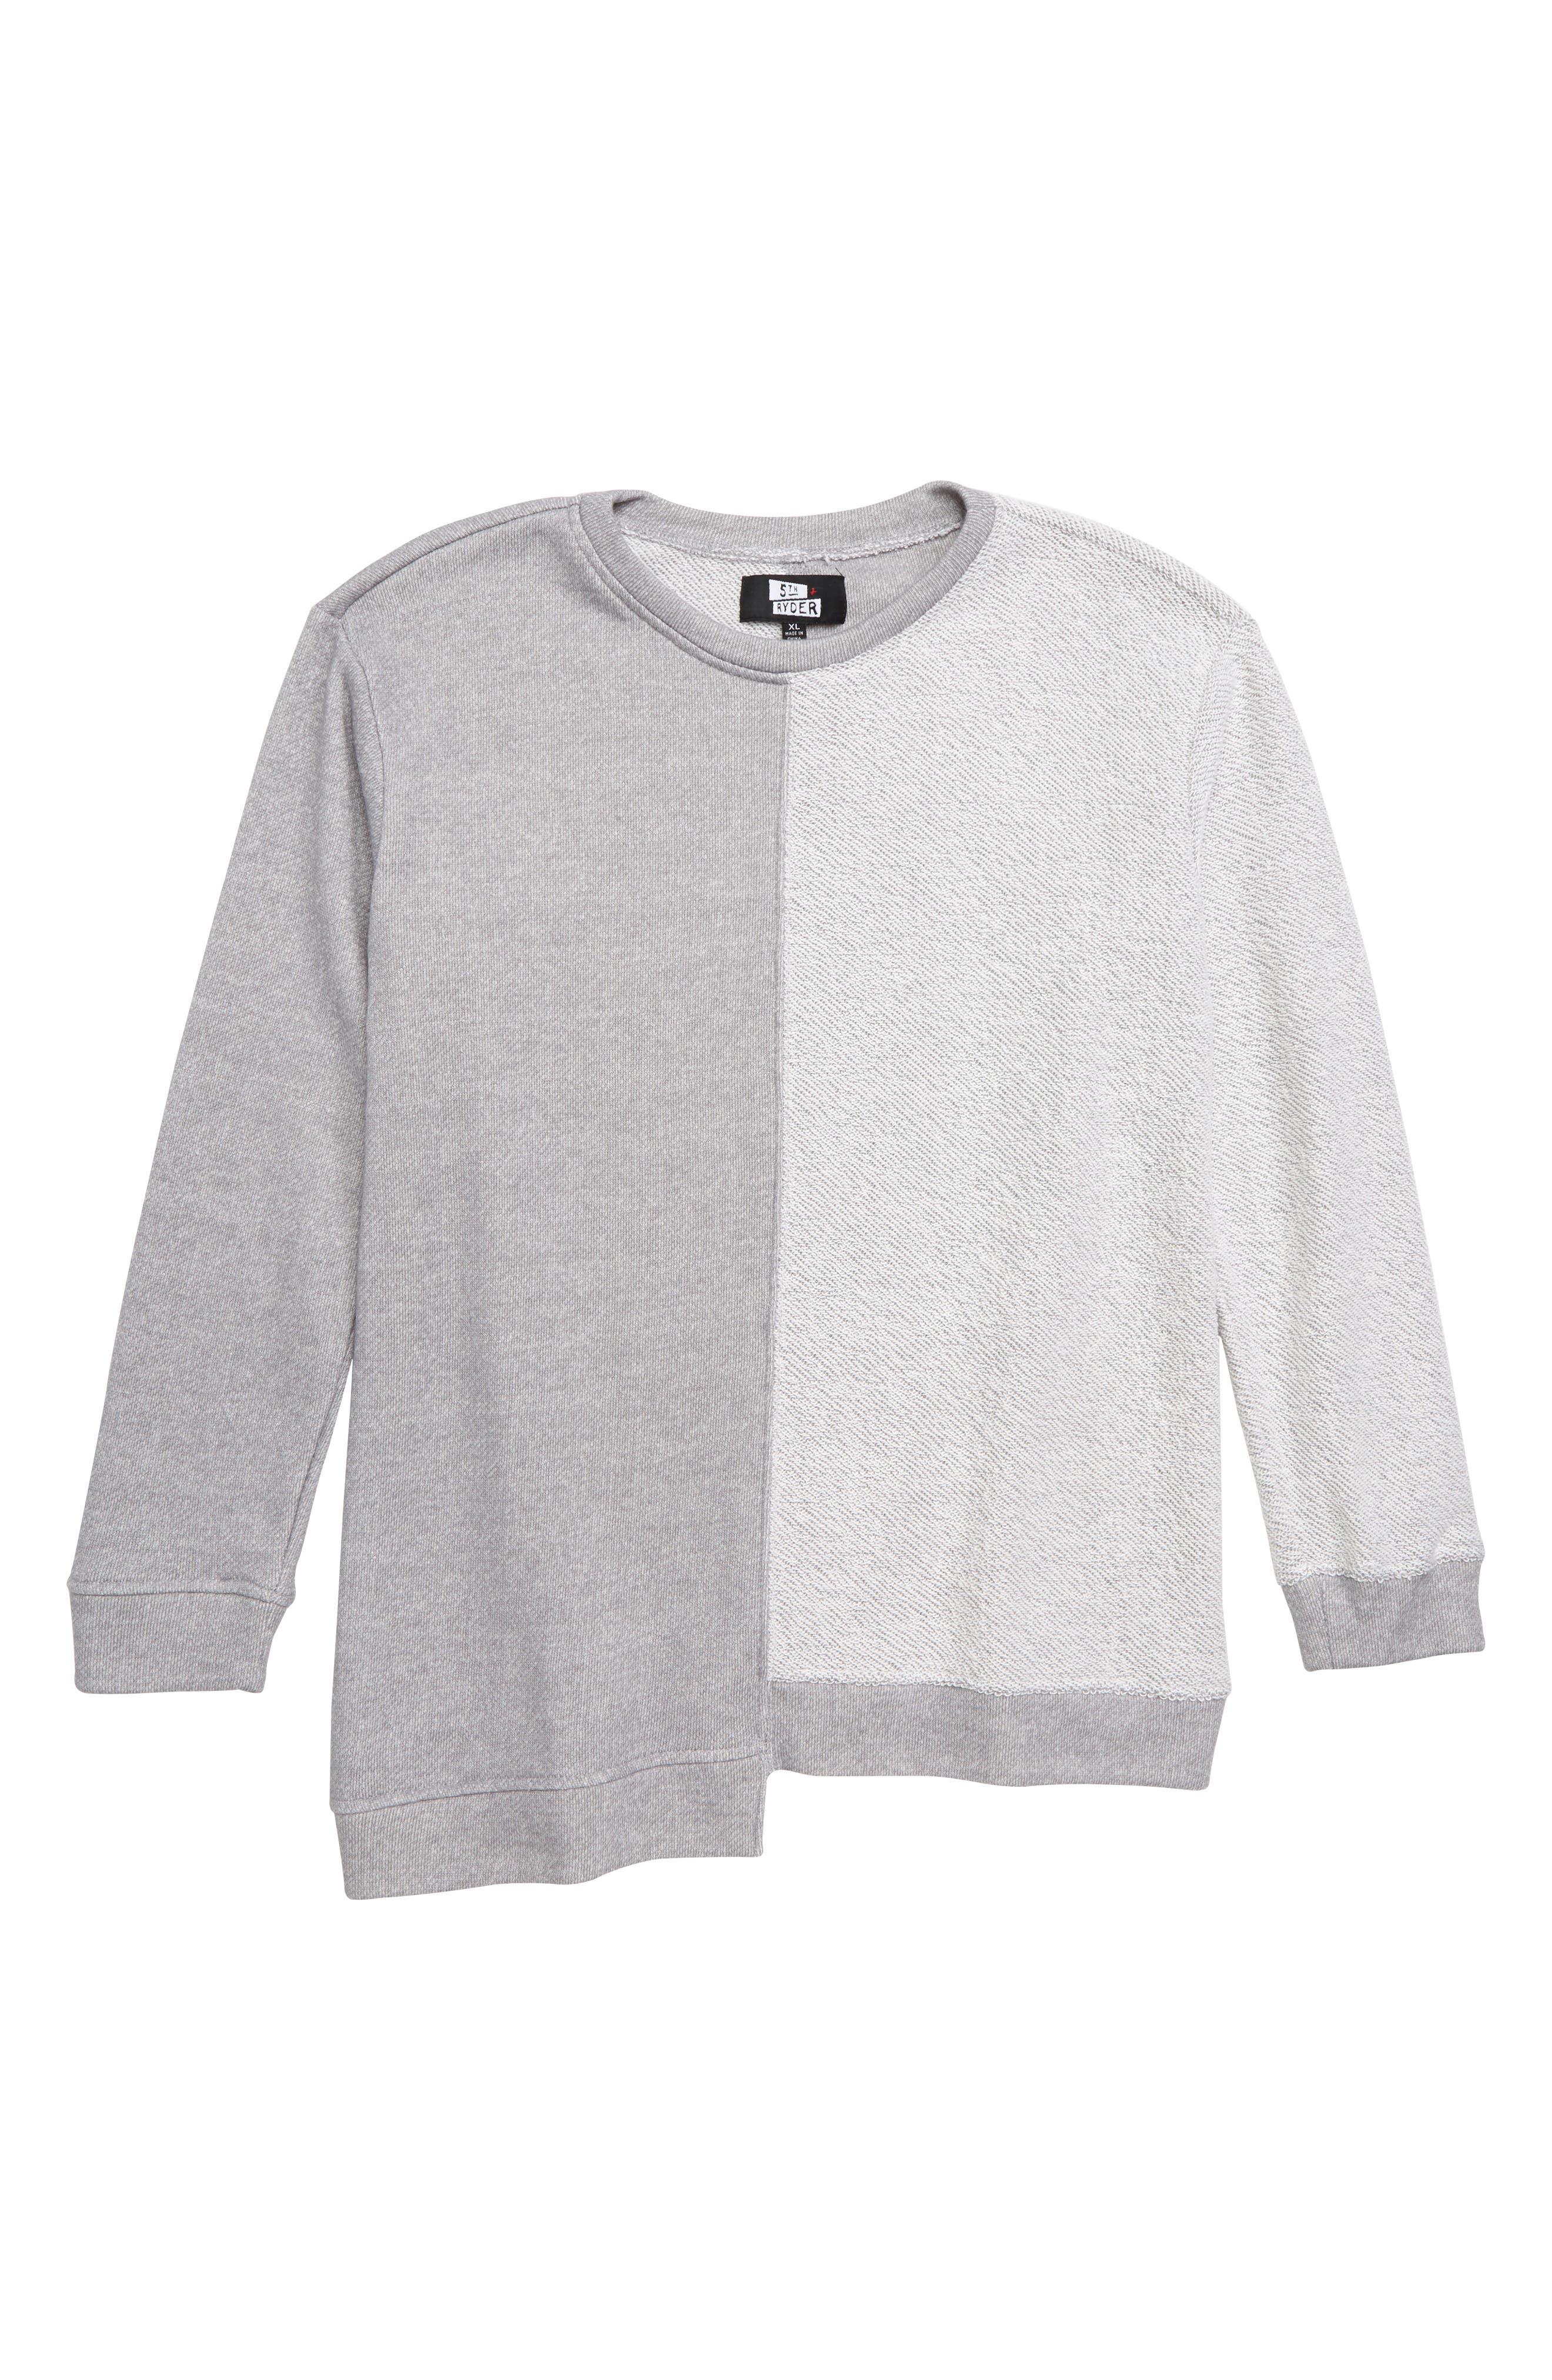 Elwood Splices Oversize Sweatshirt,                         Main,                         color, HEATHER GREY